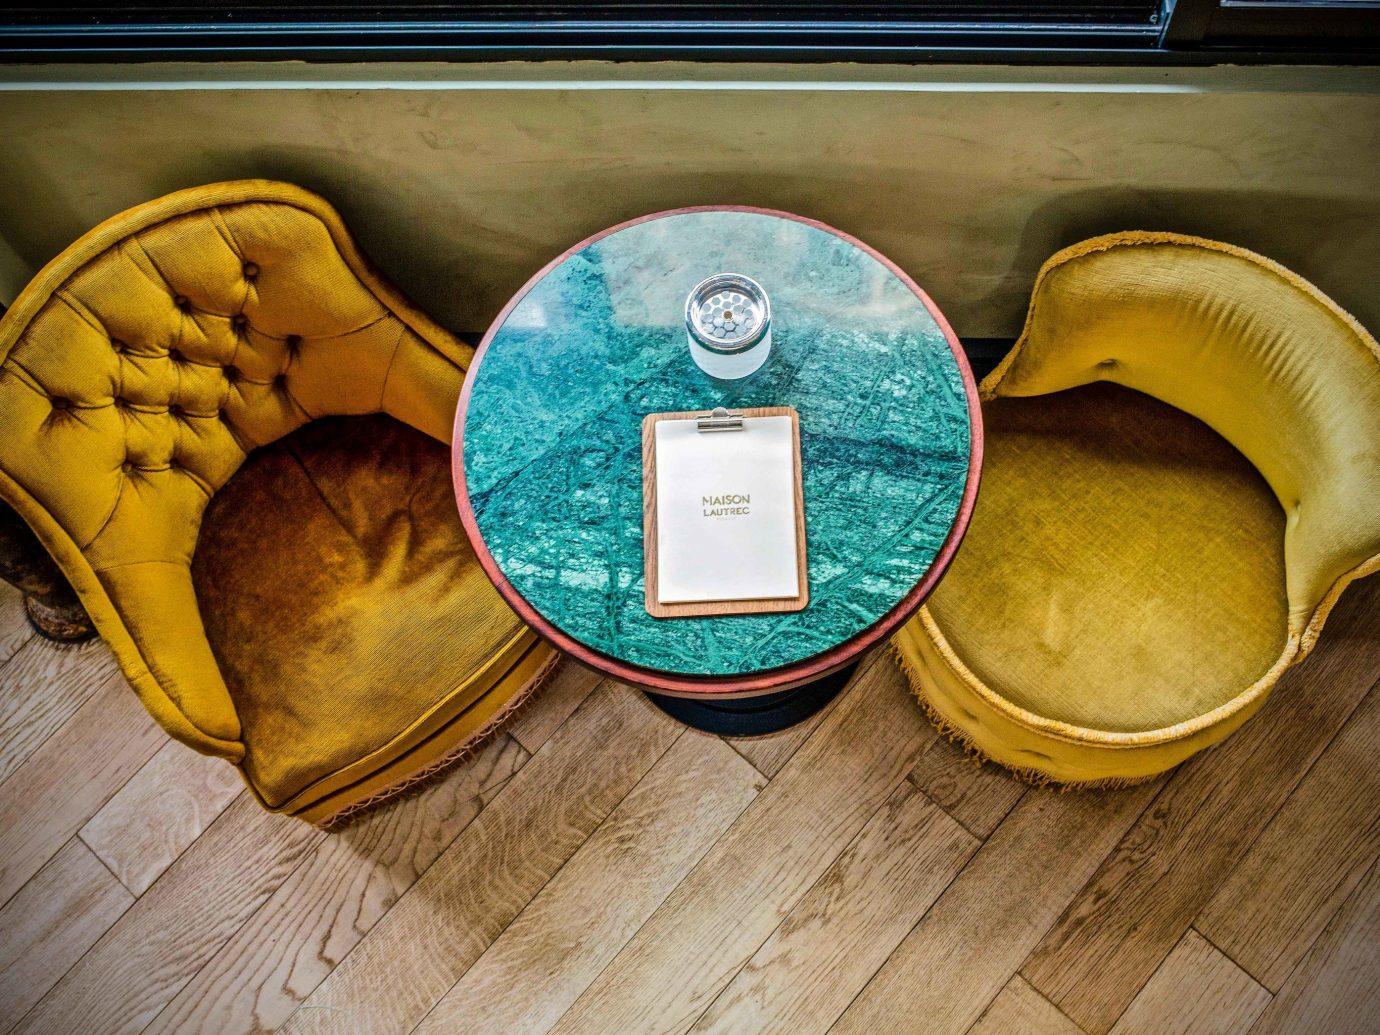 Food + Drink France Paris floor yellow wooden